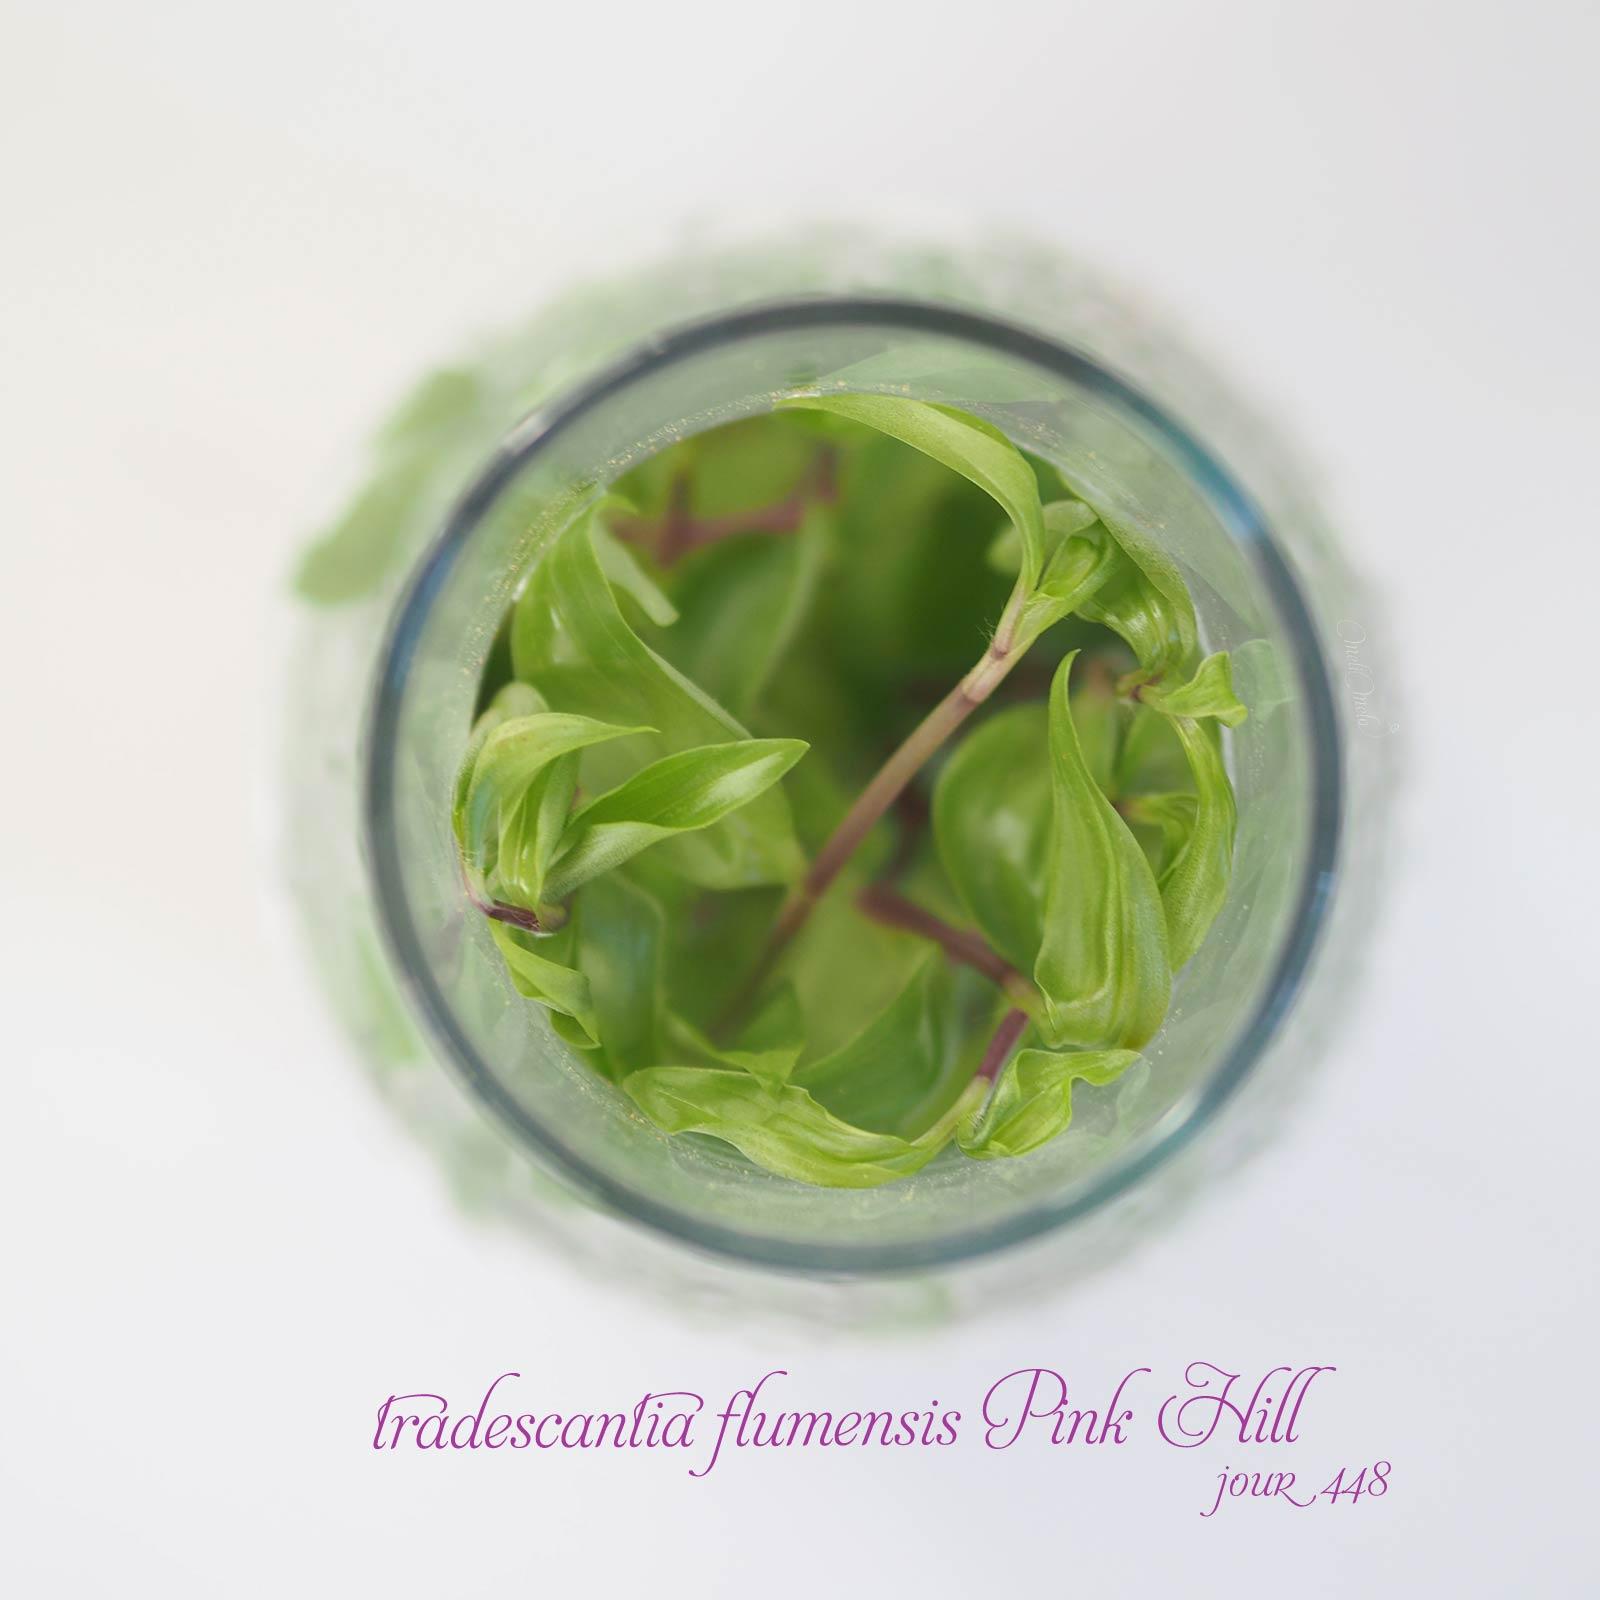 feuilles bouteille misère tradescantia fluminensis Pink Hill jour 448 Boutique MeliMelo